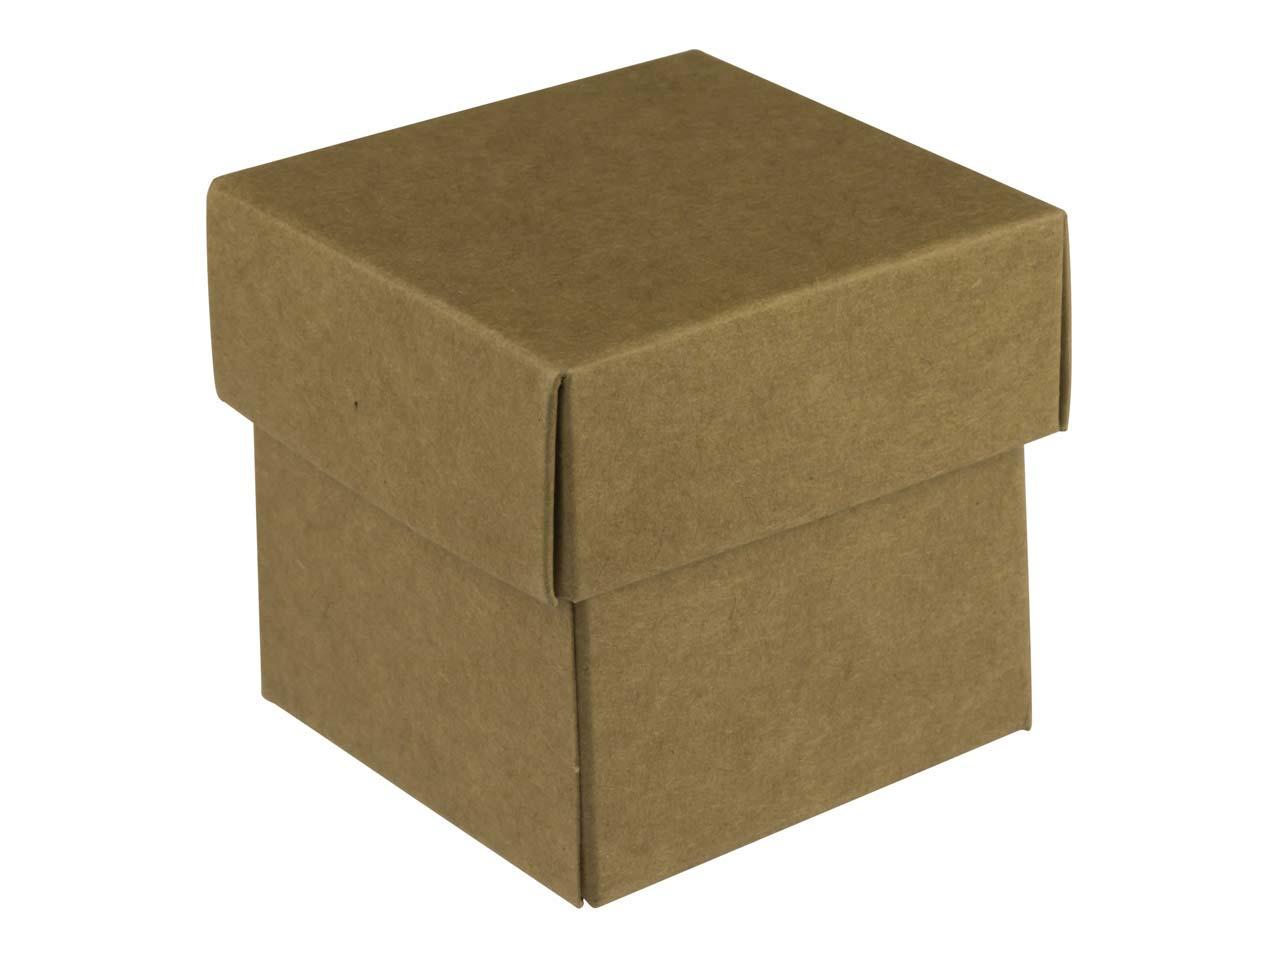 kraft flat pack square box pack of 10. Black Bedroom Furniture Sets. Home Design Ideas